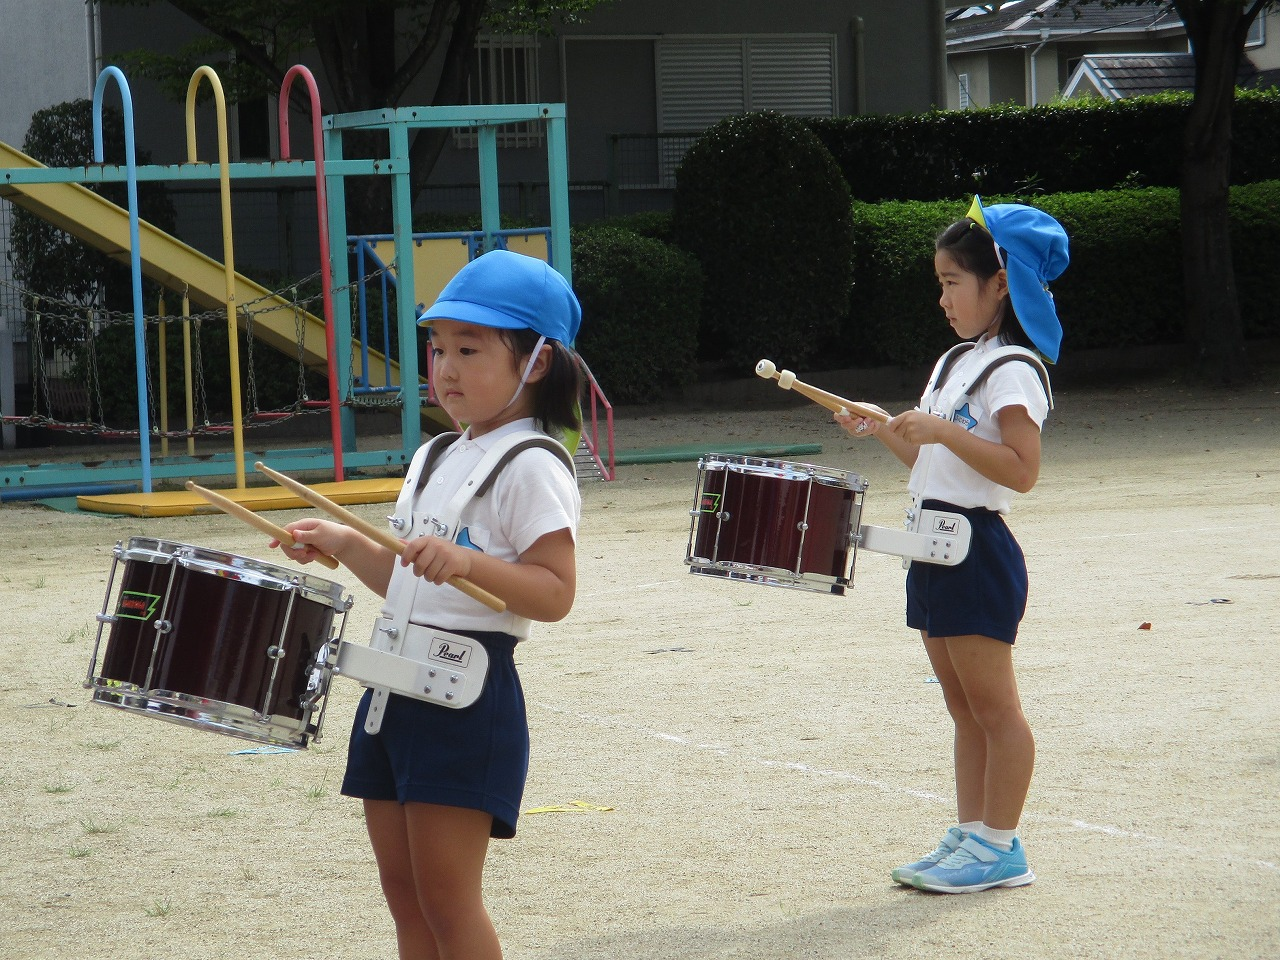 9月28日 運動会の練習頑張ってます!